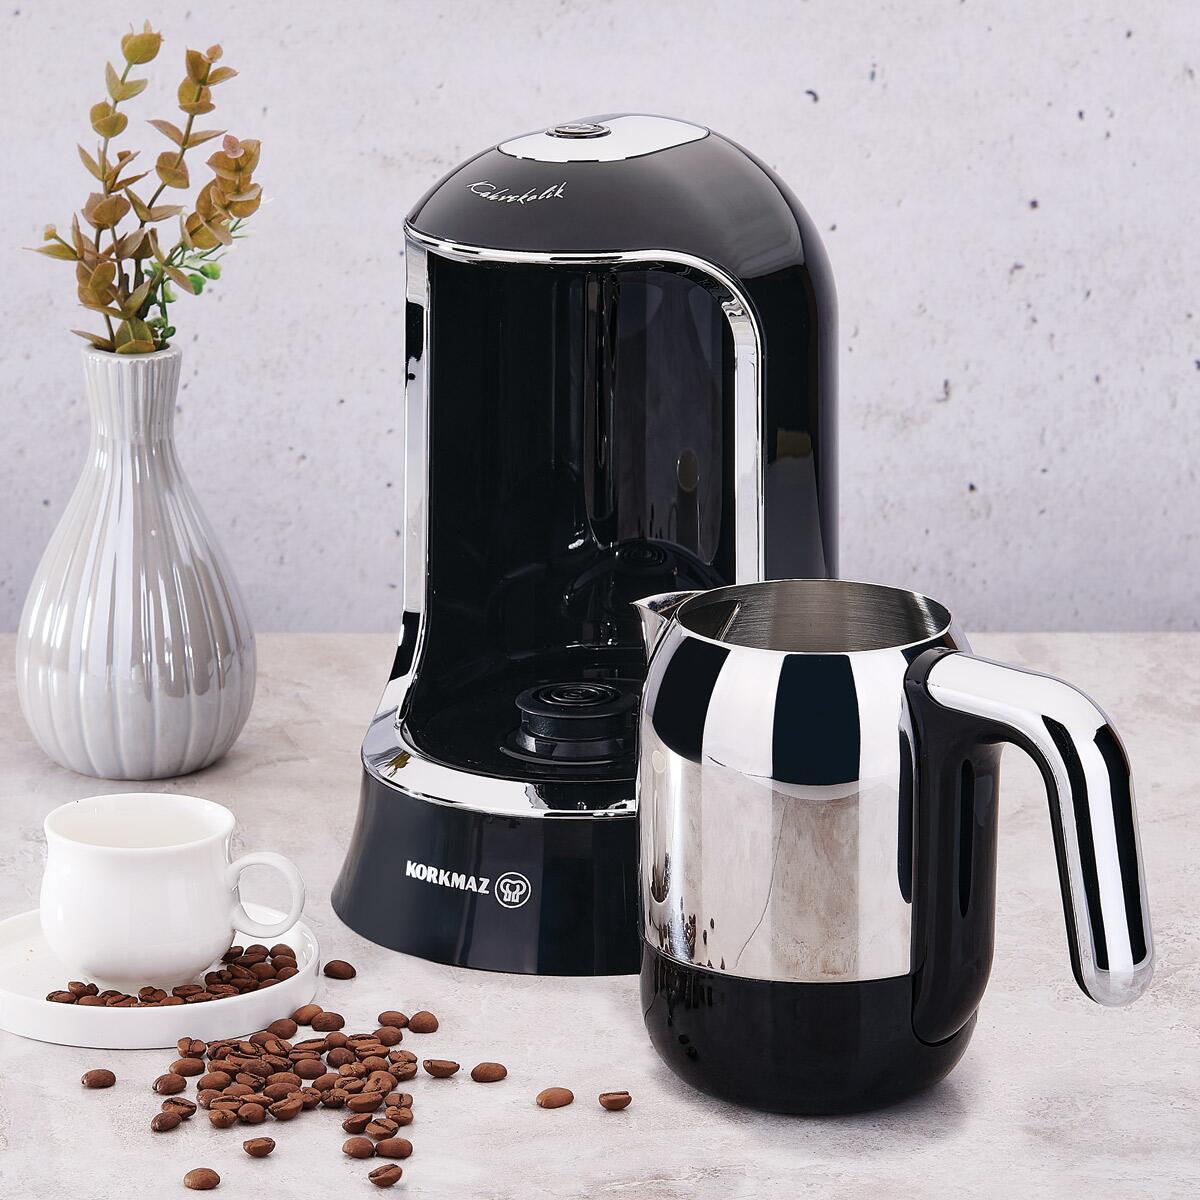 Korkmaz Kahvekolik Siyah/Krom Otomatik Kahve Makinesi